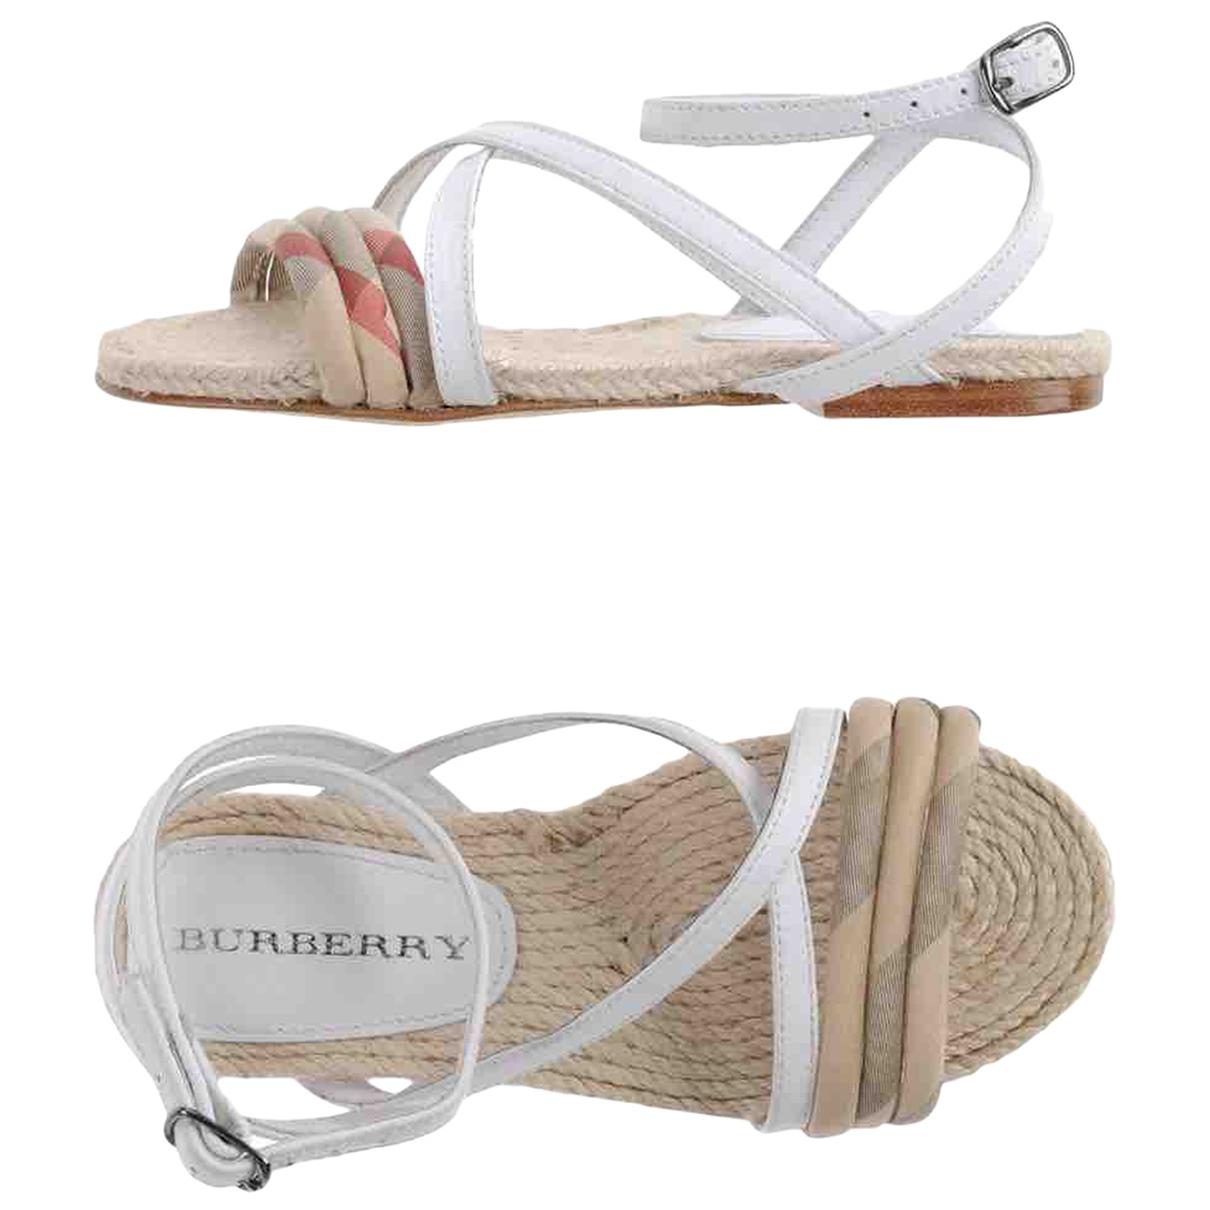 Burberry - Sandales   pour enfant en toile - blanc